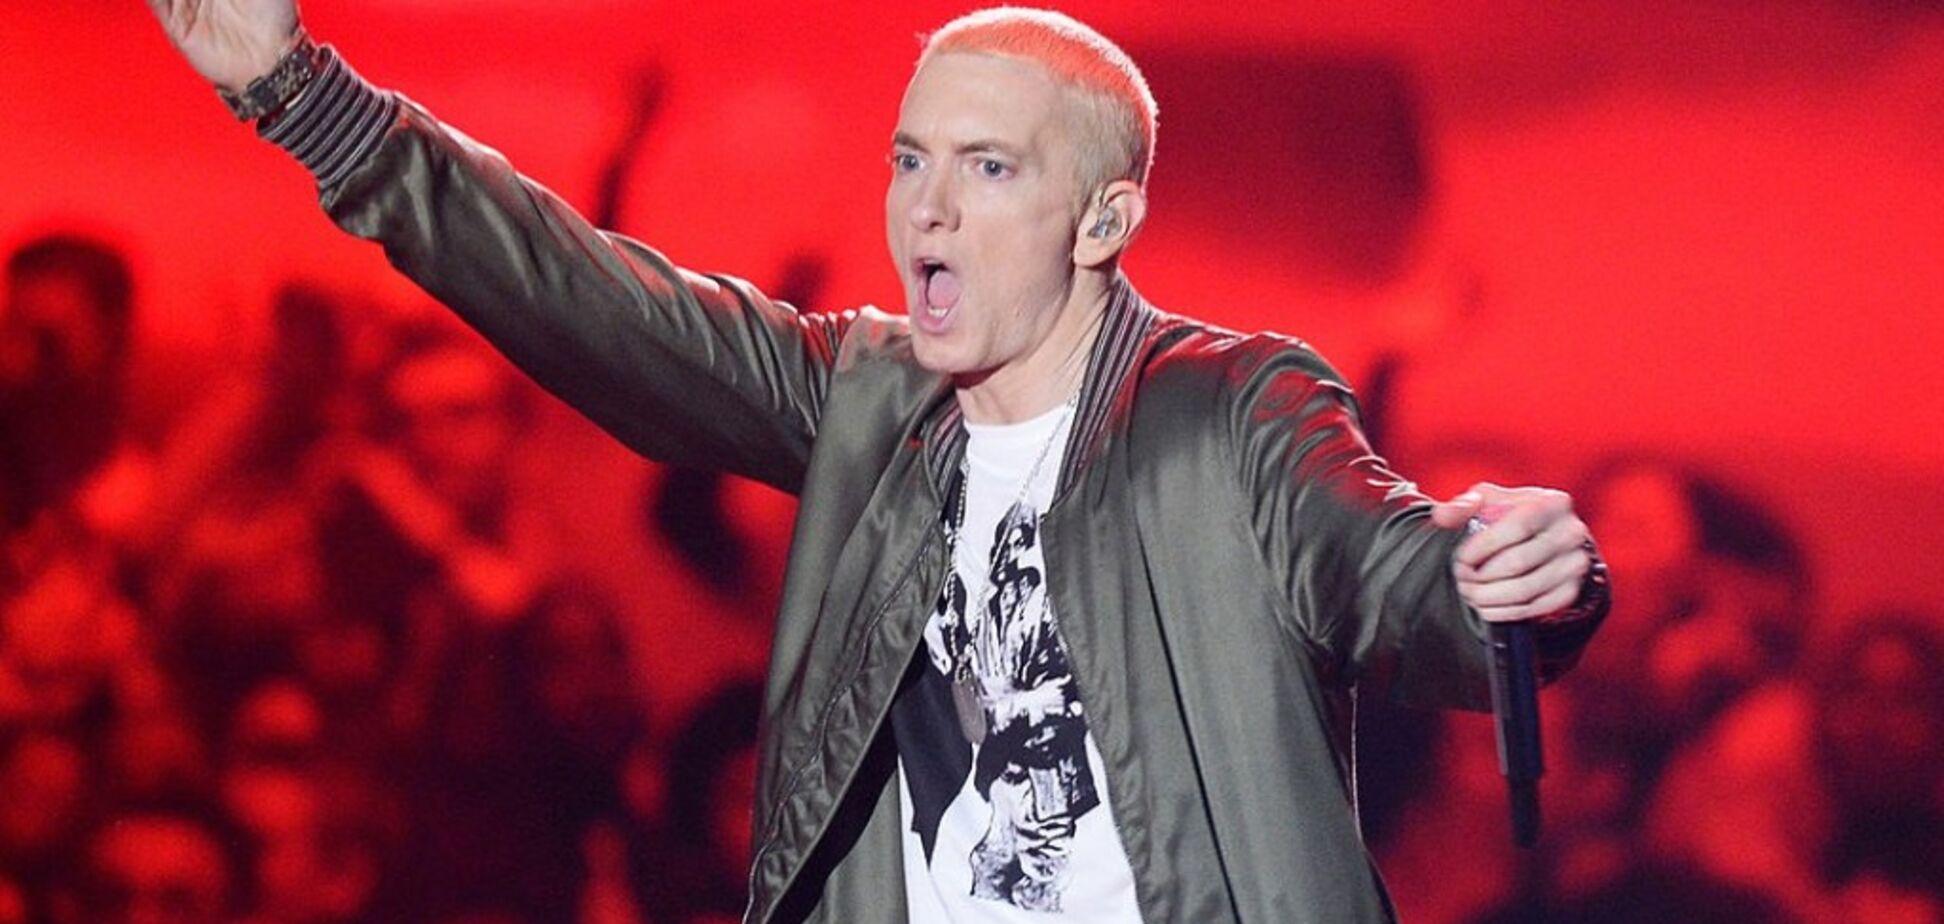 Eminem новым треком установил абсолютный рекорд в YouTube